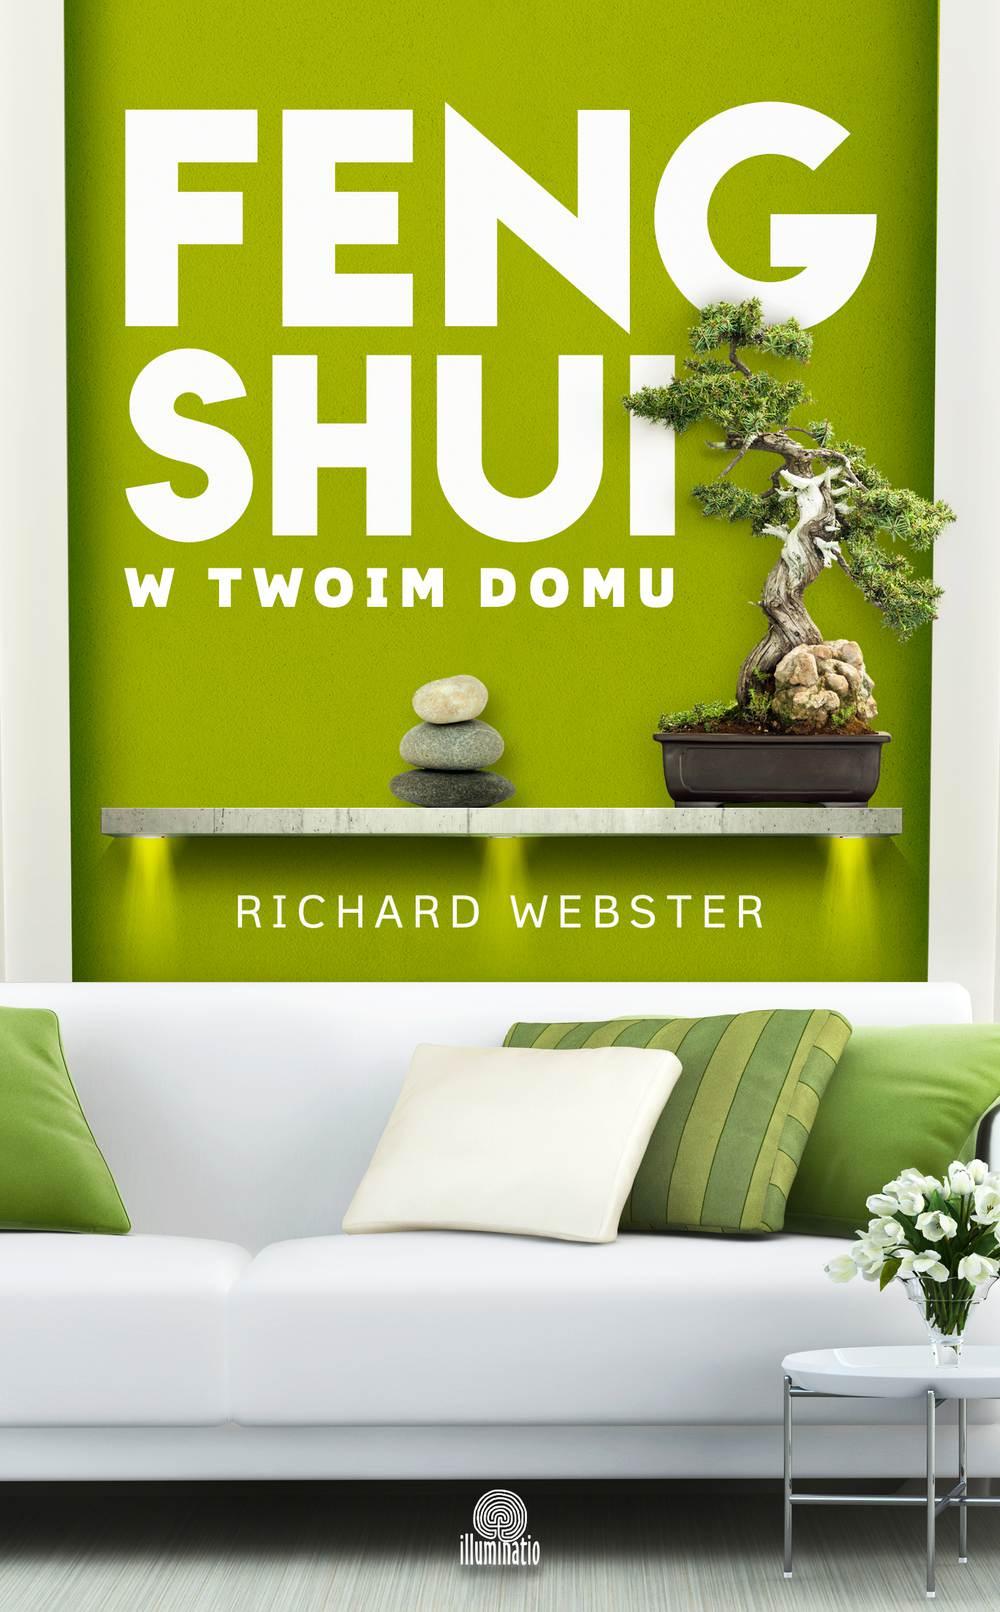 Feng shui w twoim domu - Ebook (Książka EPUB) do pobrania w formacie EPUB